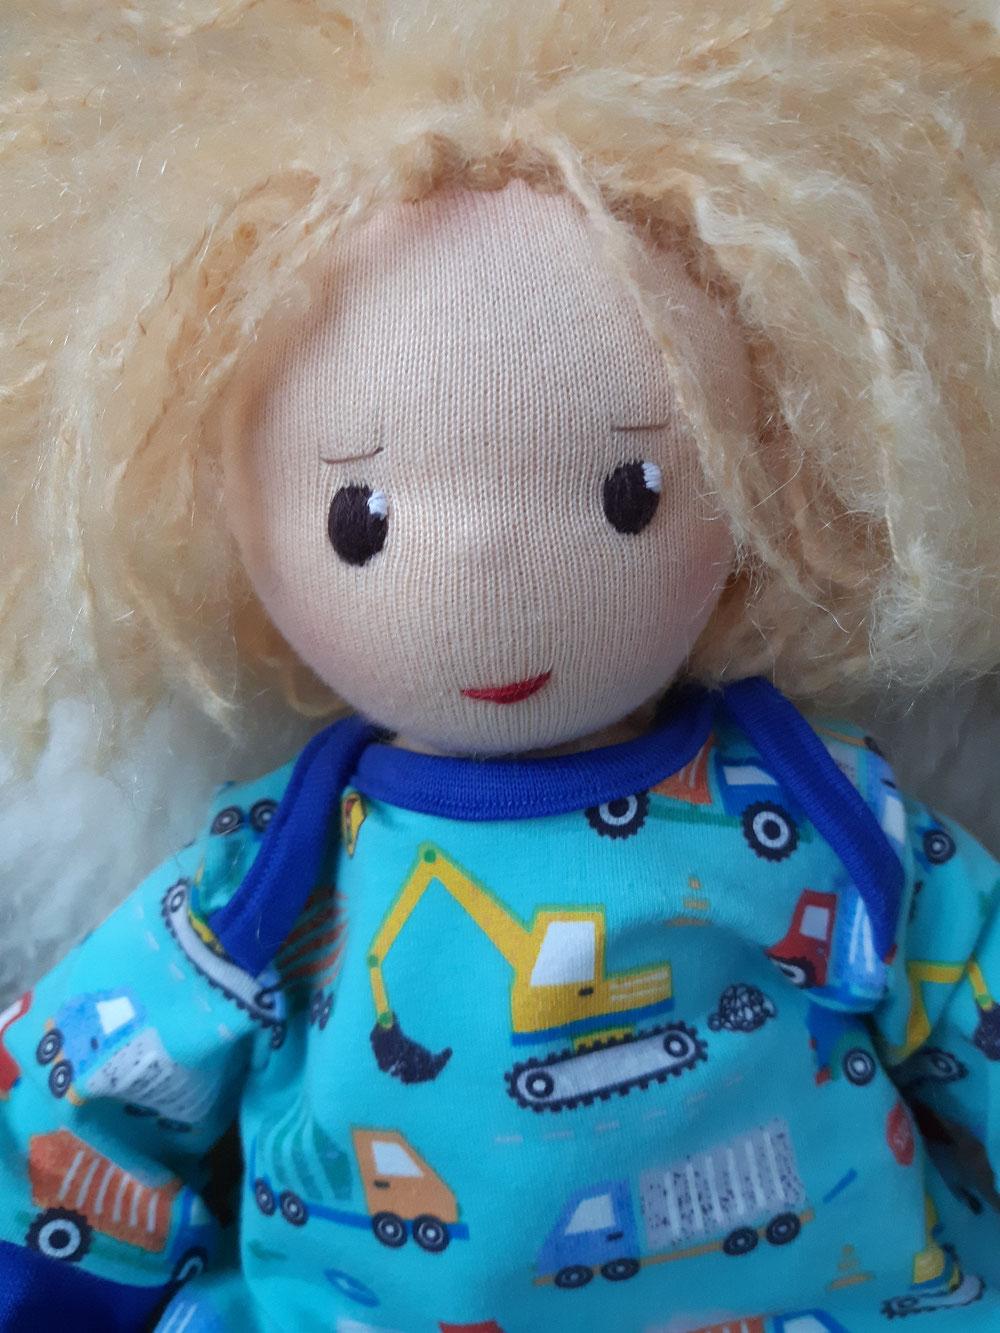 Bio-Stoffpuppe, individuelle Puppe passend zum Kind, Waldorfart, genderneutral, Erziehung, Wunschpuppe, ökologische Kinderpuppe, bio-fair, ökofairliebt, Selbstakzeptanz, Naturmaterial, Puppenhandwerk, Puppenjunge, nachhaltiges Spielzeug, plastikfrei